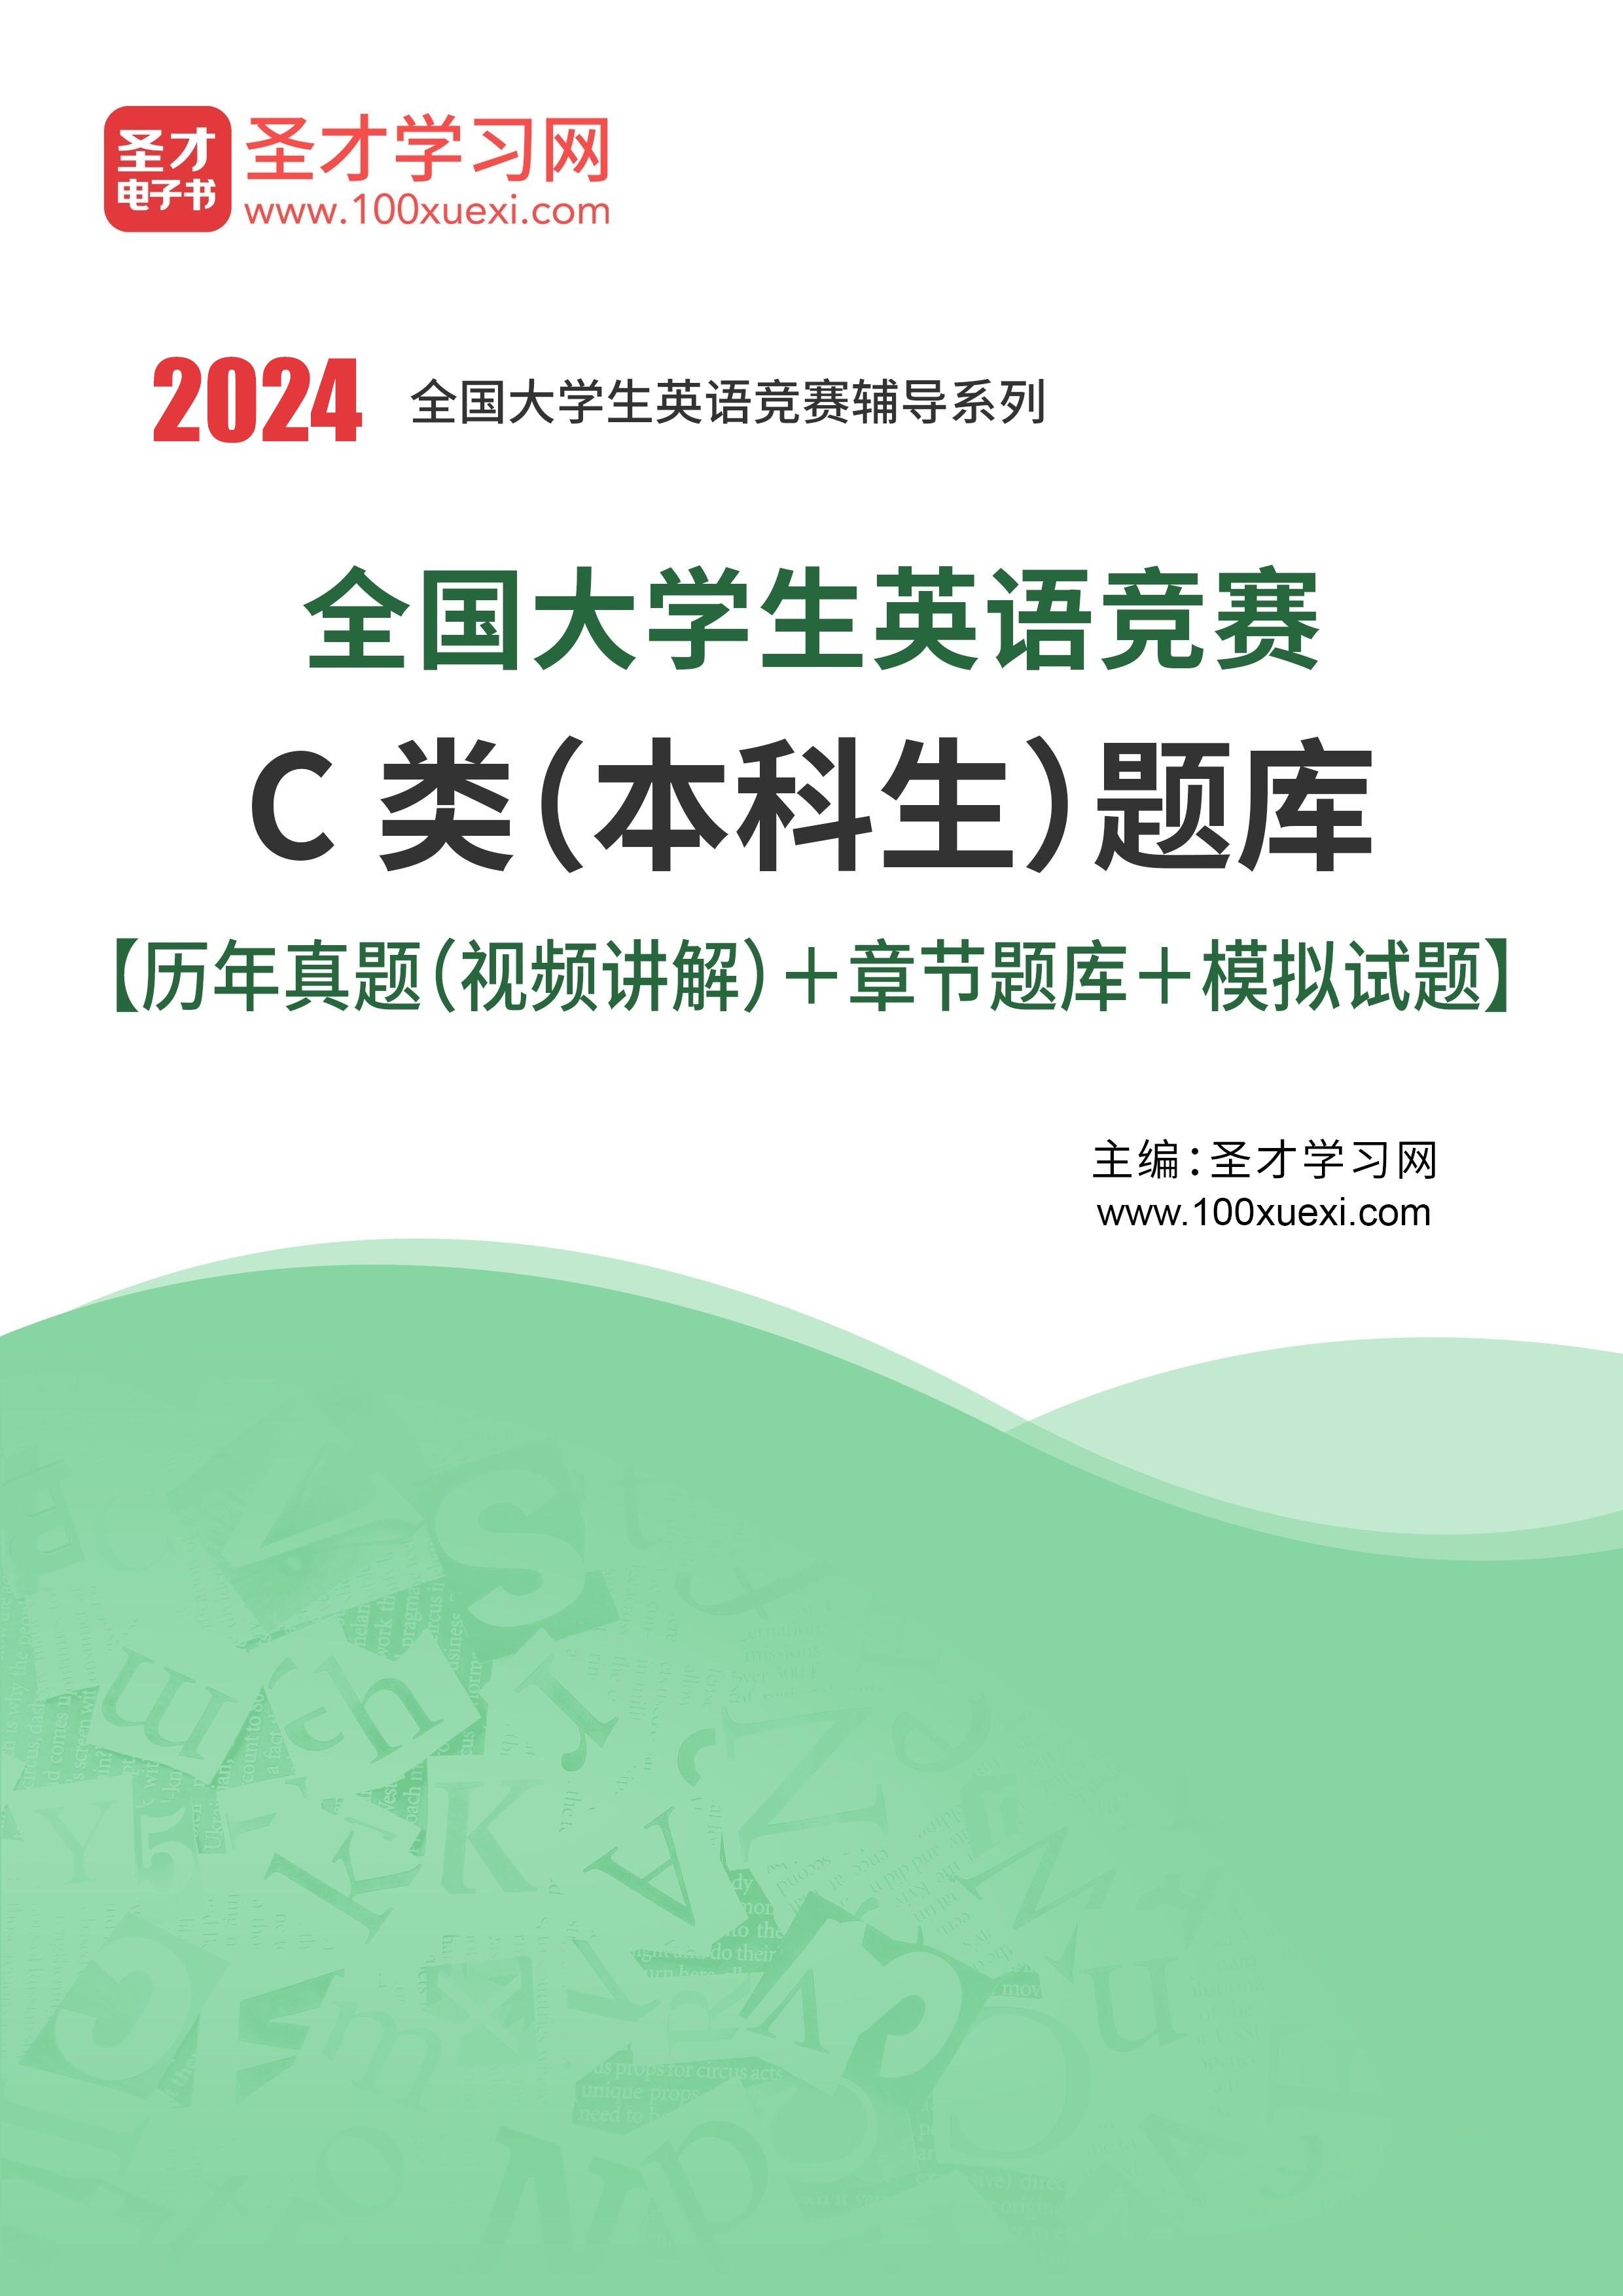 2021年全國大學生英語競賽C類(本科生)題庫【歷年真題(視頻講解)+章節題庫+模擬試題】